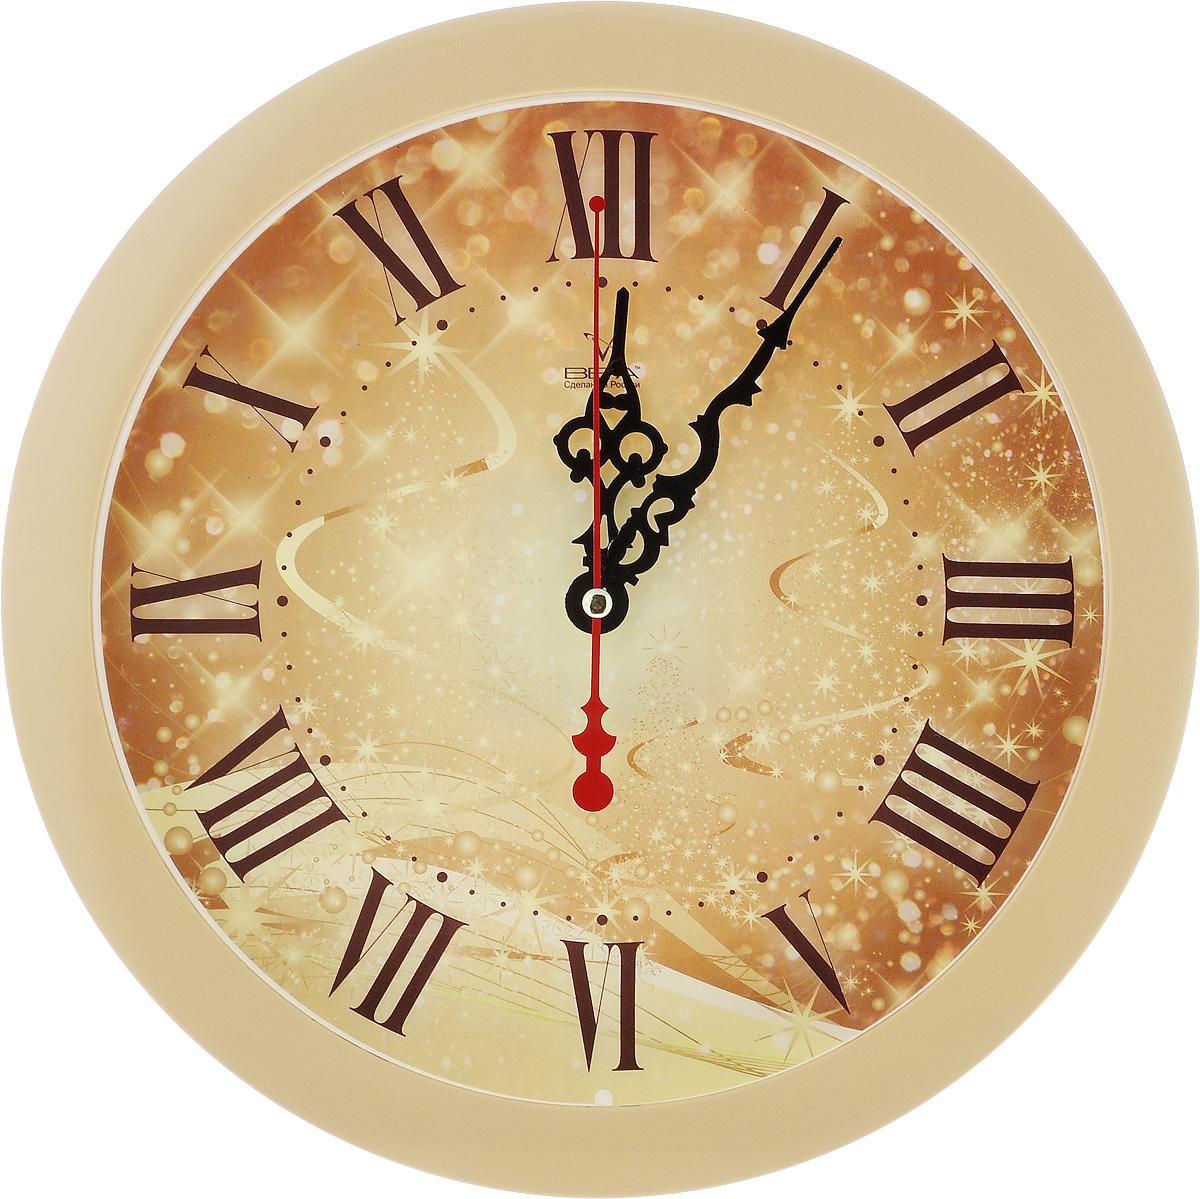 Часы настенные Вега Серпантин, диаметр 28,5 см94672Настенные кварцевые часы Вега Серпантин, изготовленные из пластика, прекрасно впишутся в интерьер вашего дома. Круглые часы имеют три стрелки: часовую, минутную и секундную, циферблат защищен прозрачным стеклом. Часы работают от 1 батарейки типа АА напряжением 1,5 В (не входит в комплект). Диаметр часов: 28,5 см.